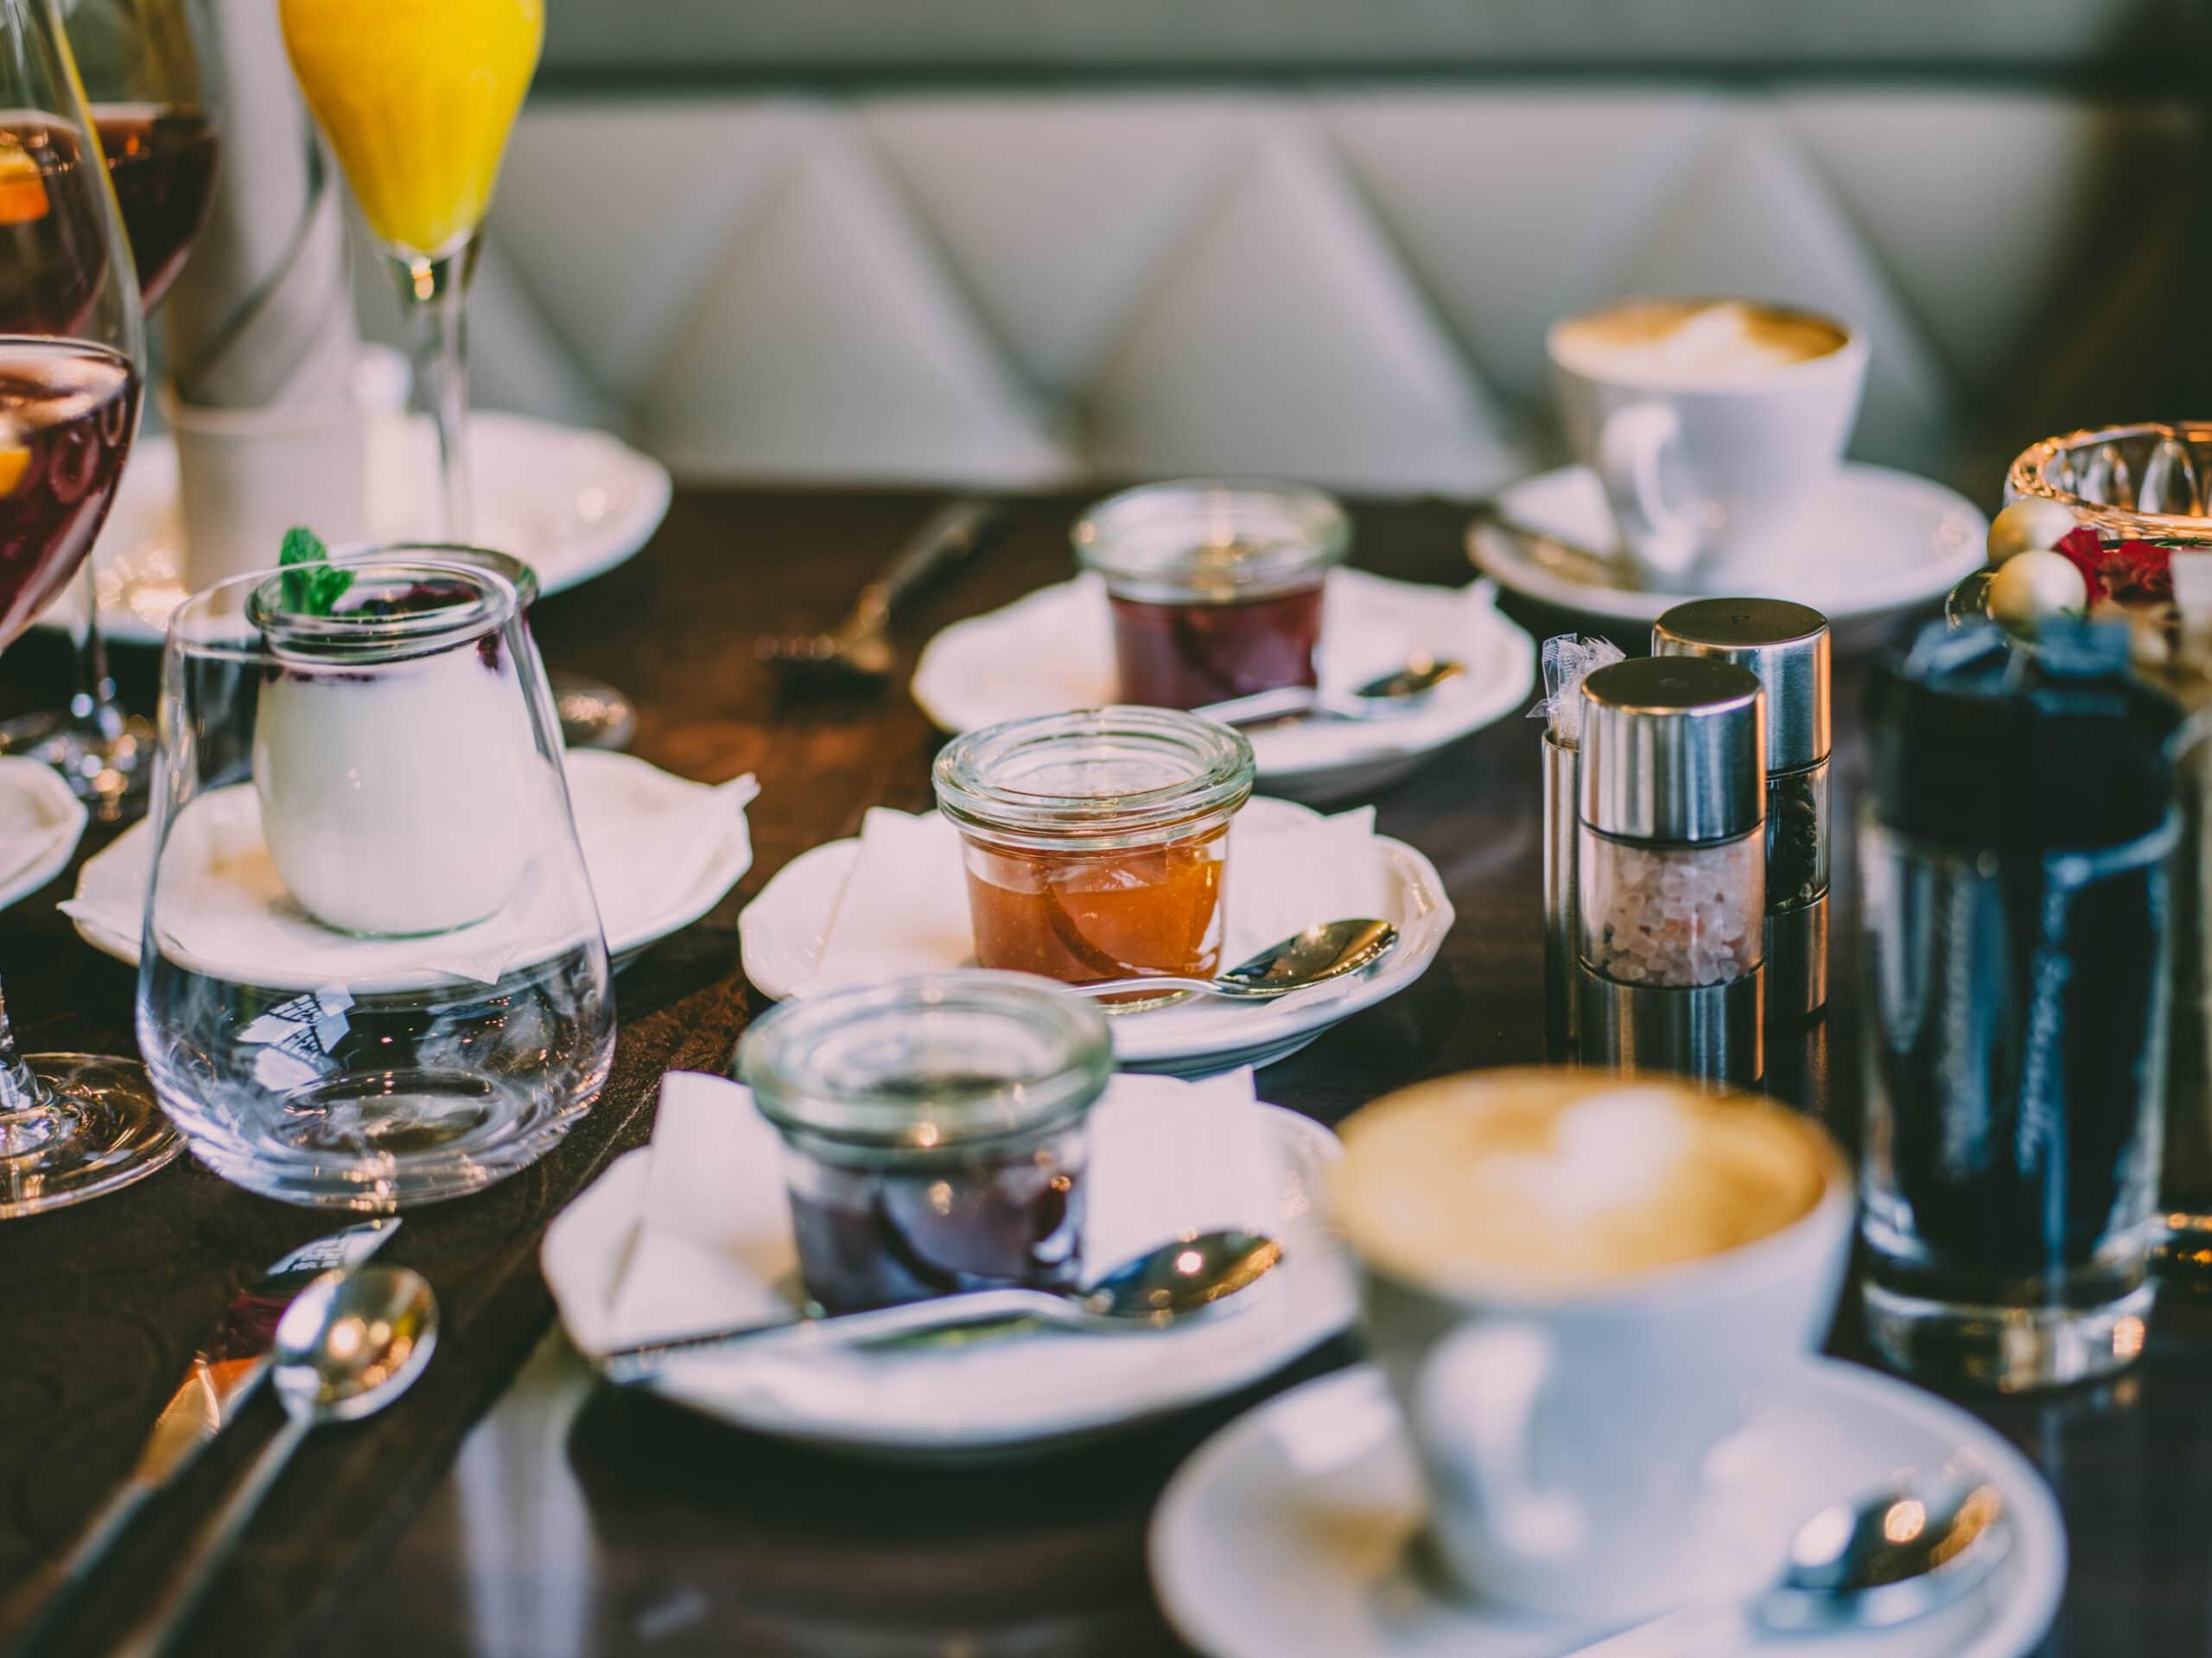 frühstück im welcome hotel essen